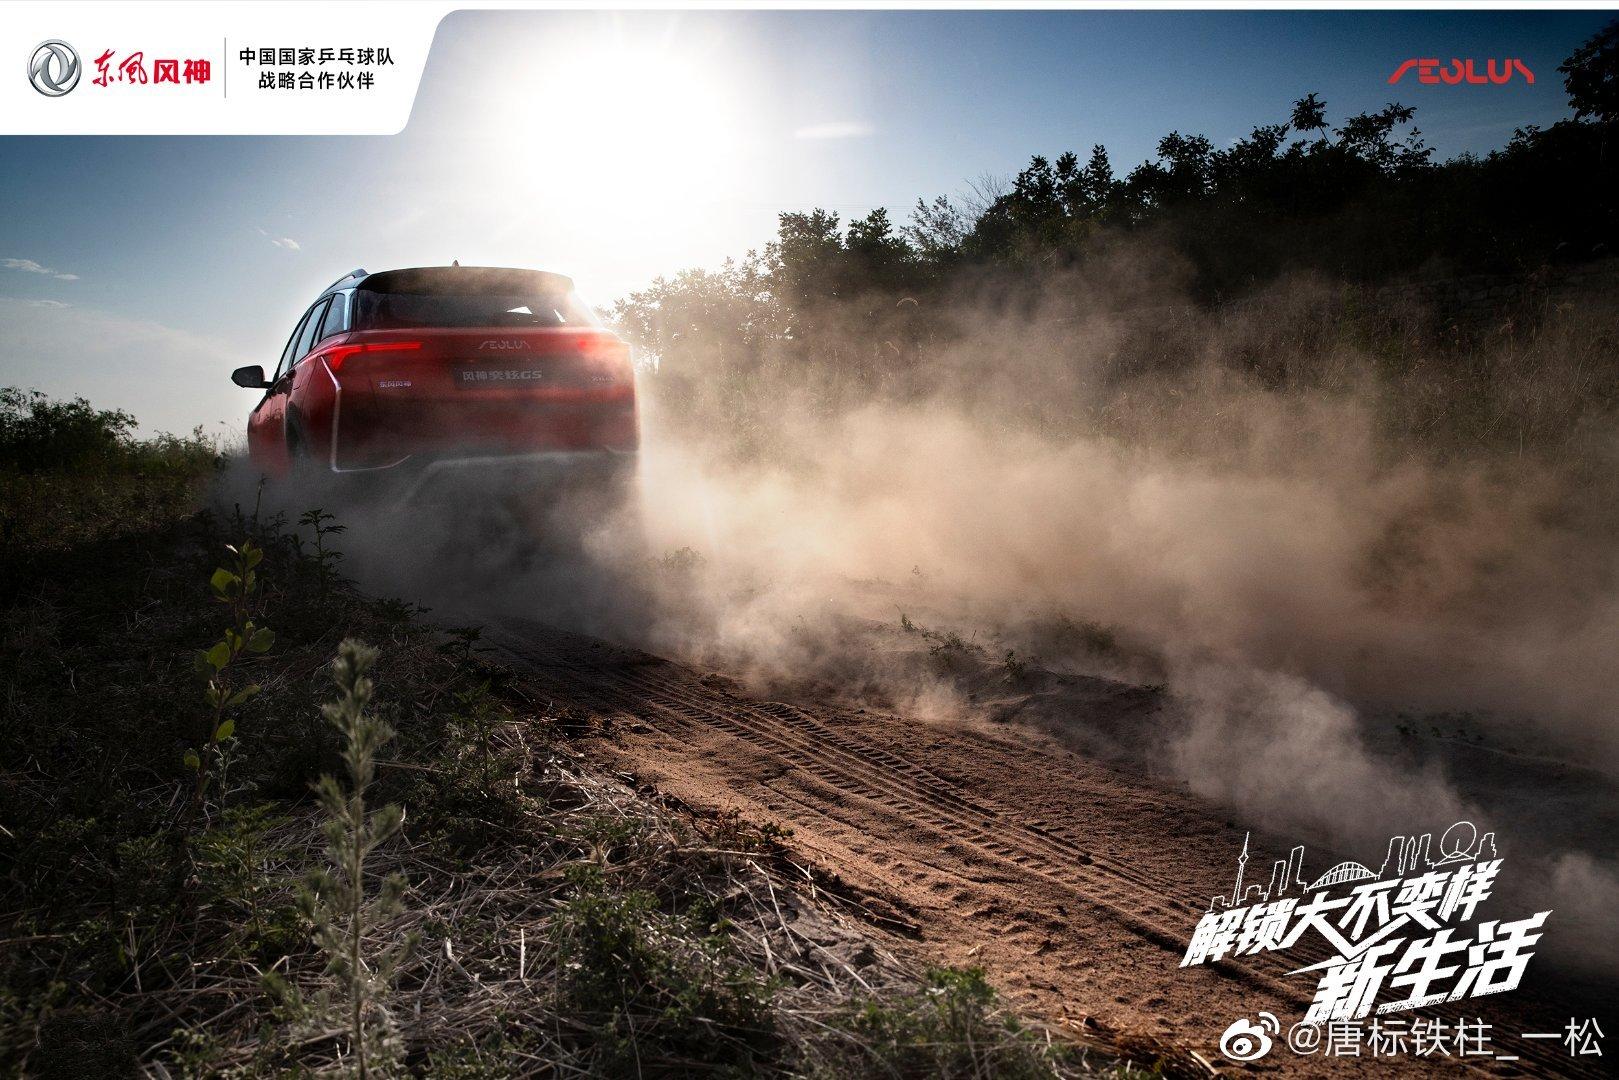 精美汽车图集:东风风神亦炫GS,如此靓丽